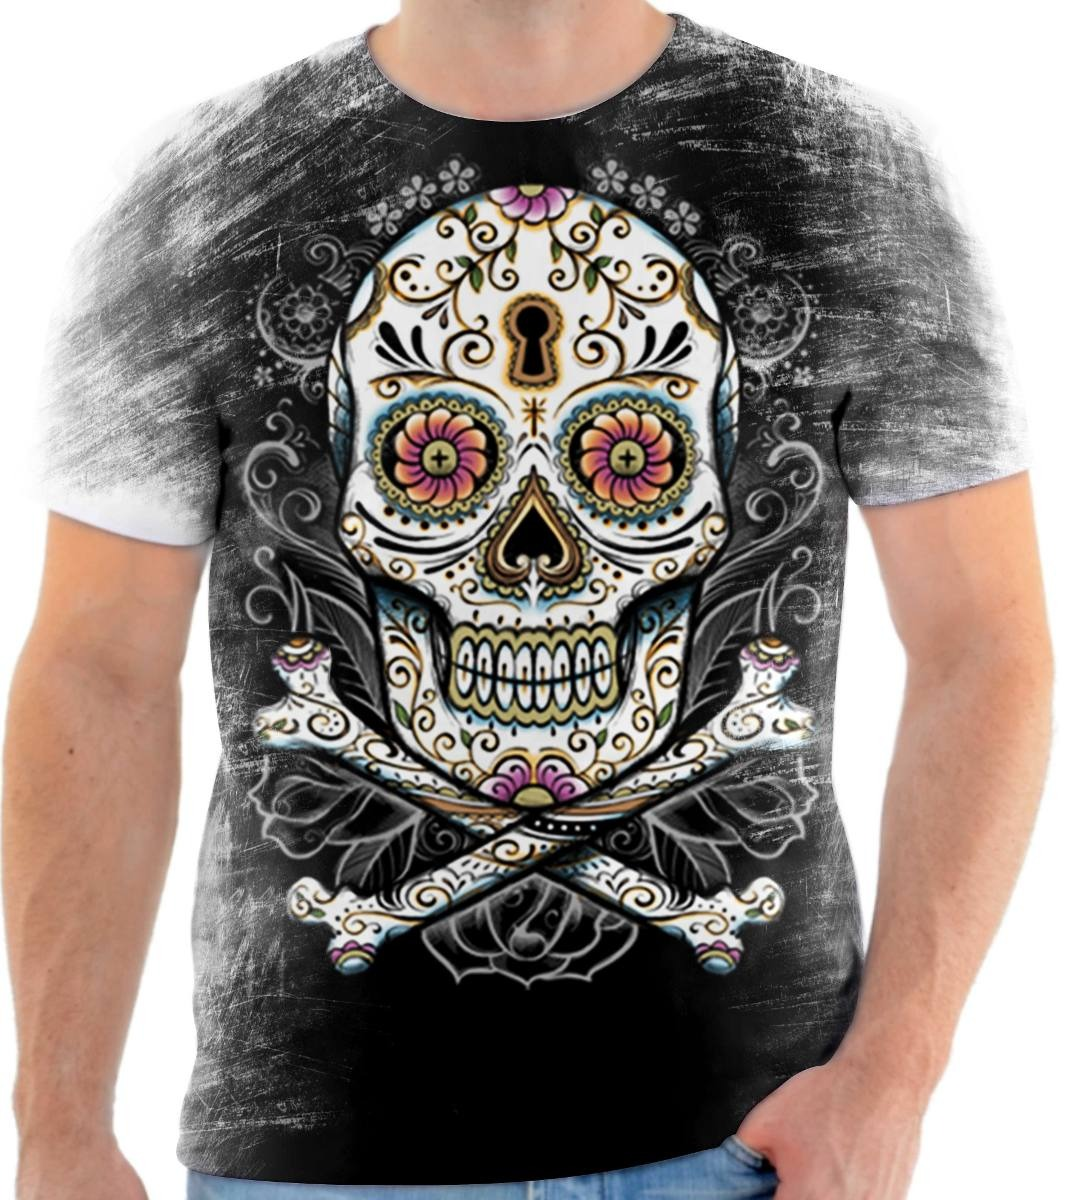 camisa camiseta personalizada caveira mexicana fechadura. Carregando zoom. a9d6ddc4357